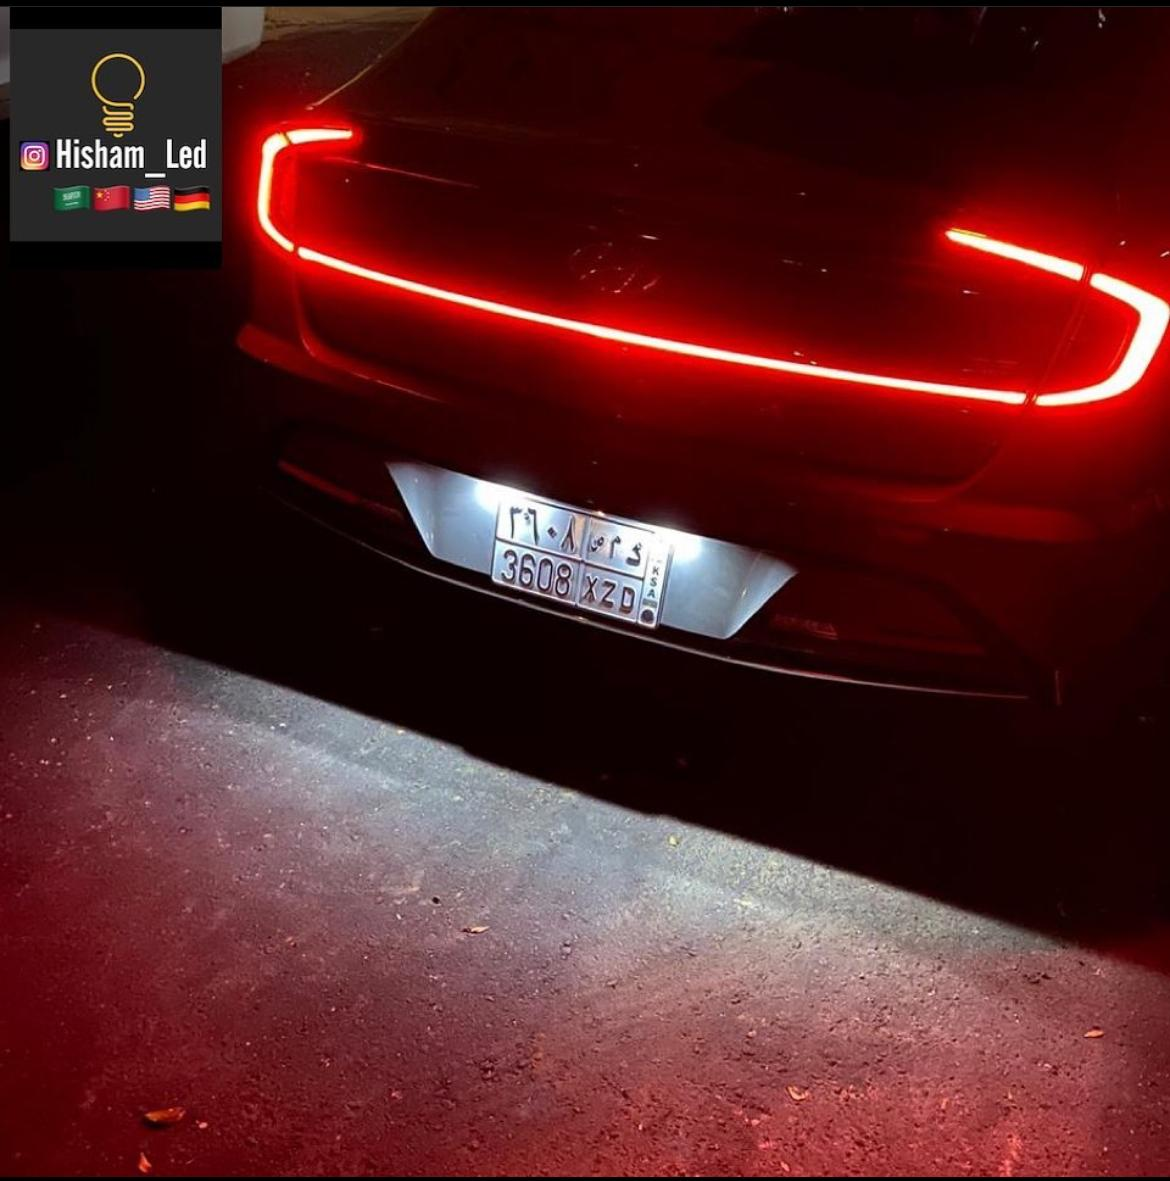 مؤسسه هشام لإناره الليد للسيارات شركه بروماكس تقنيه المانية 0565521979 P_17858te1r1